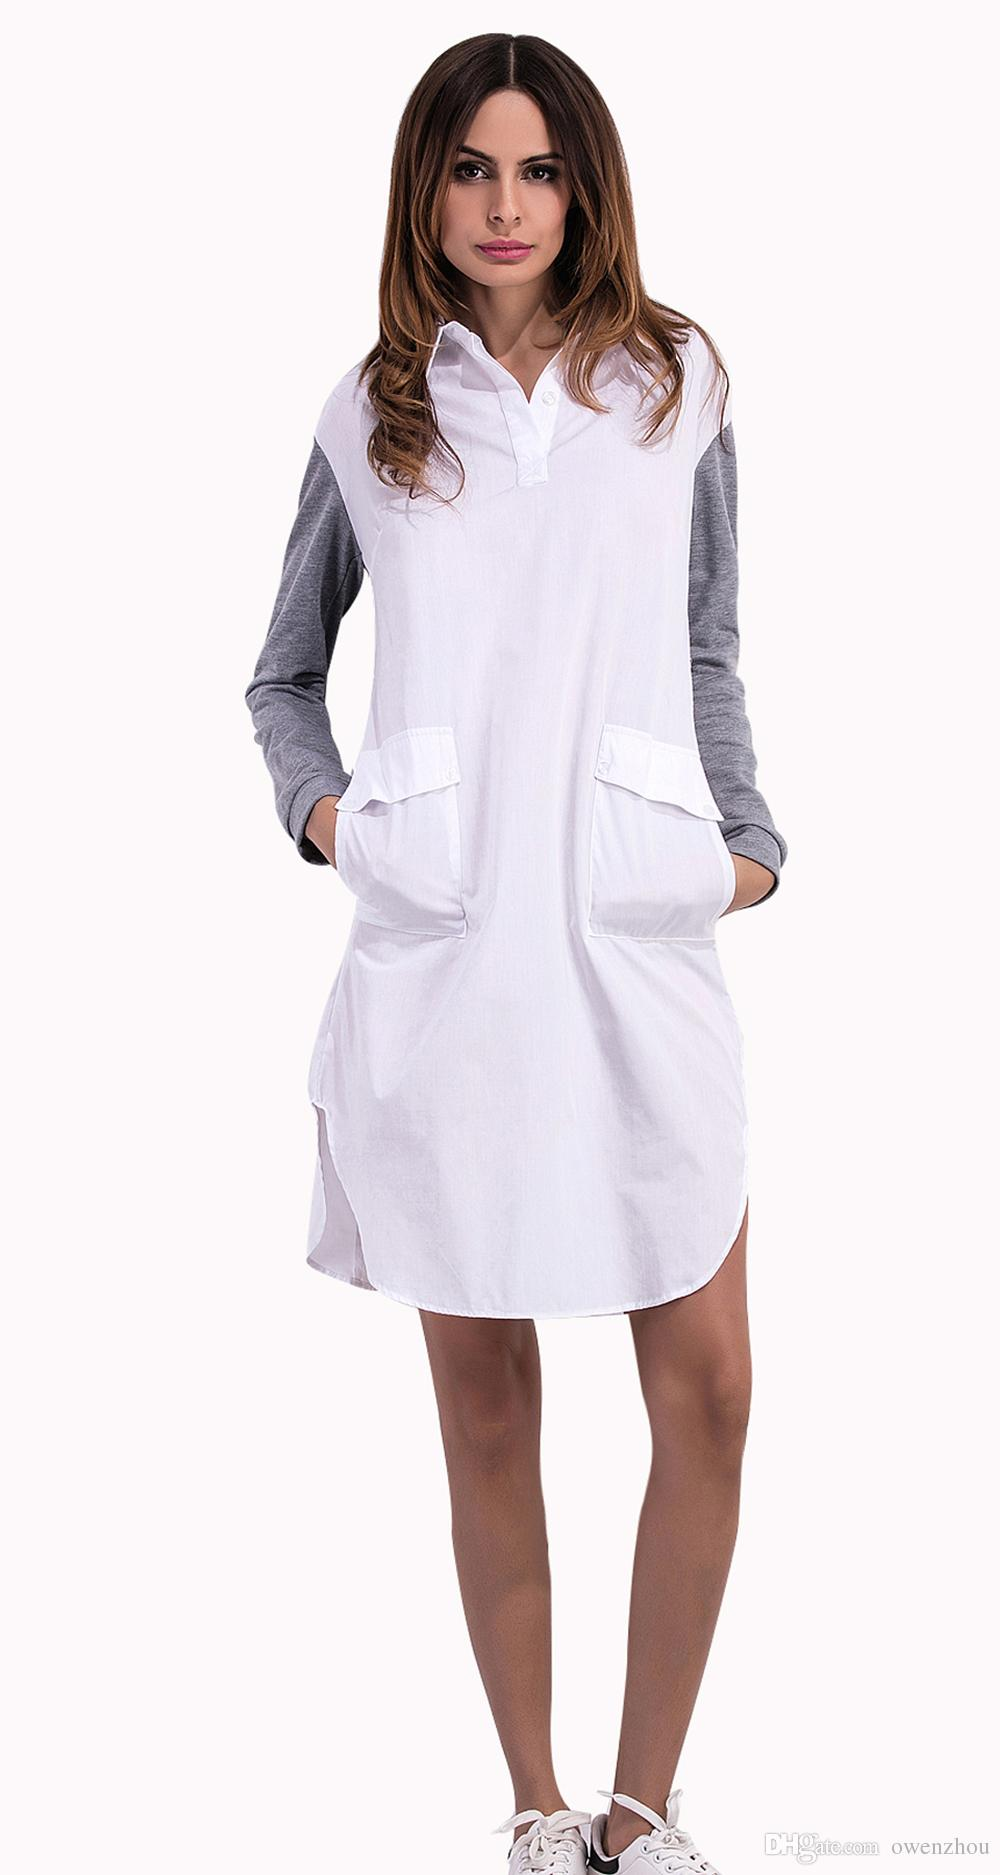 Großhandel 15 Mode Revers Langarm Shirt Kleid Weißes Hemd Kleid Sommer  Aufflackernhülse Elegante Frau Kleid Freizeitkleidung Jersey Hülse Von